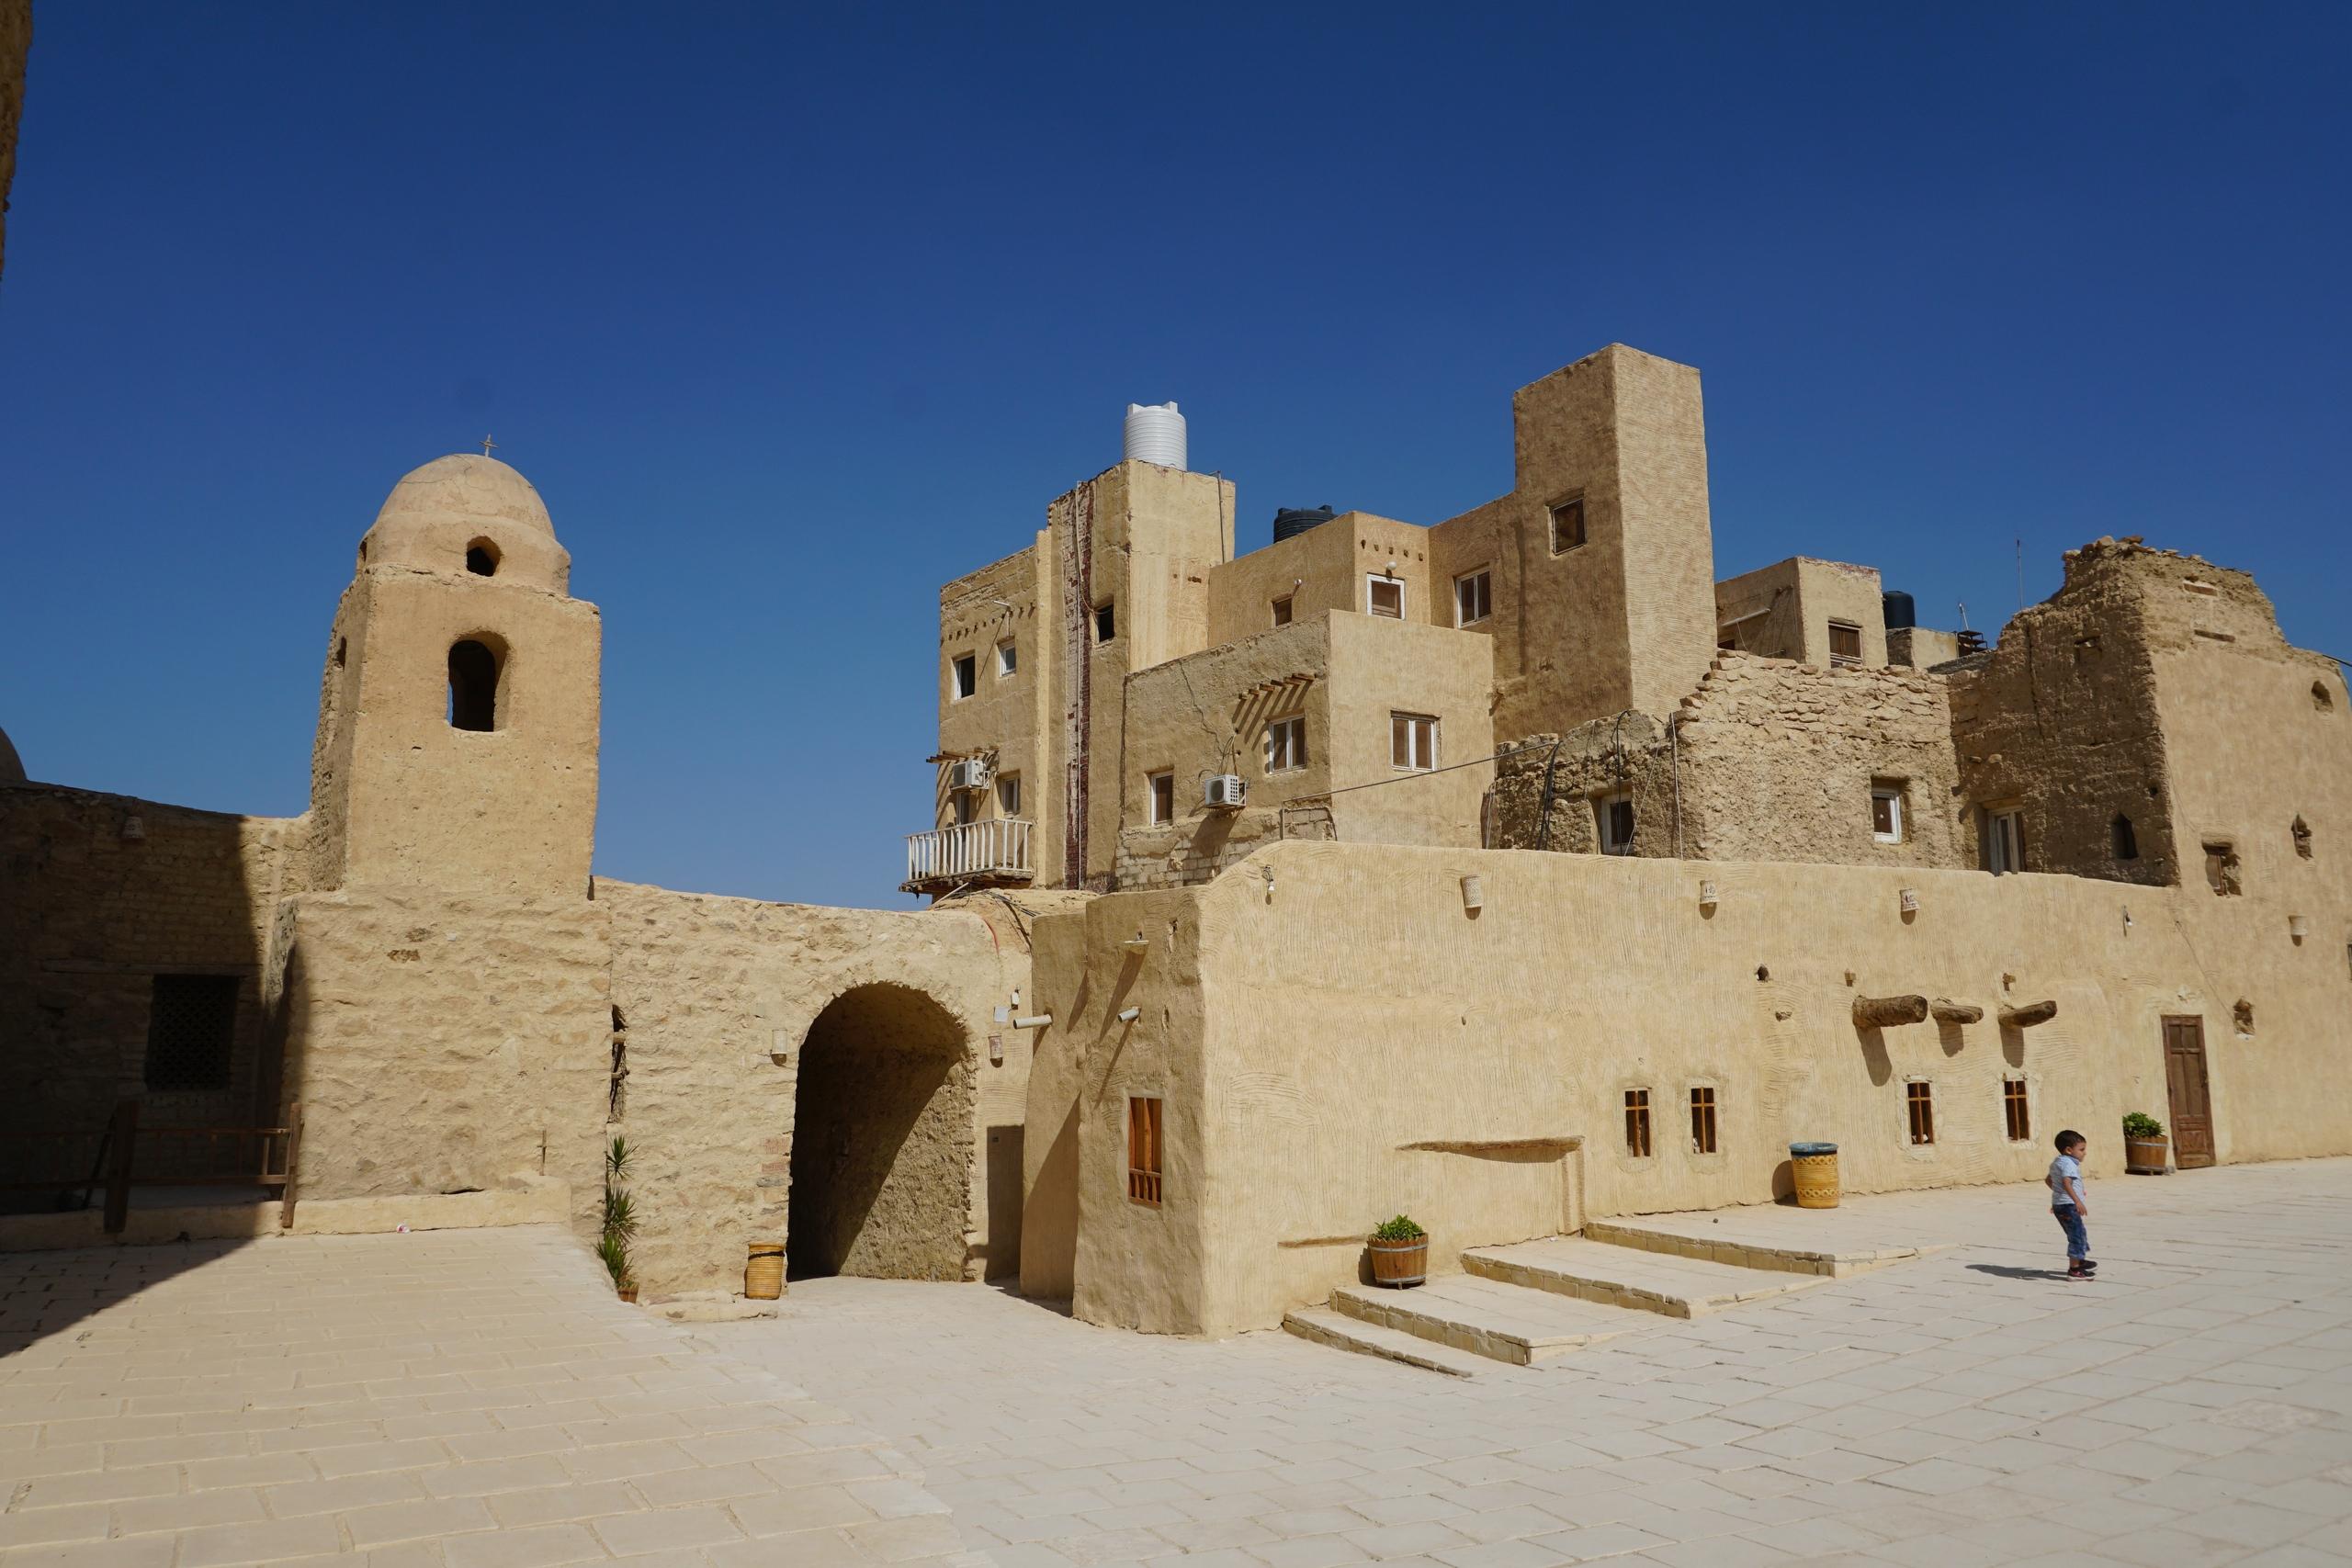 Как выглядит коптский монастырь в пустыни